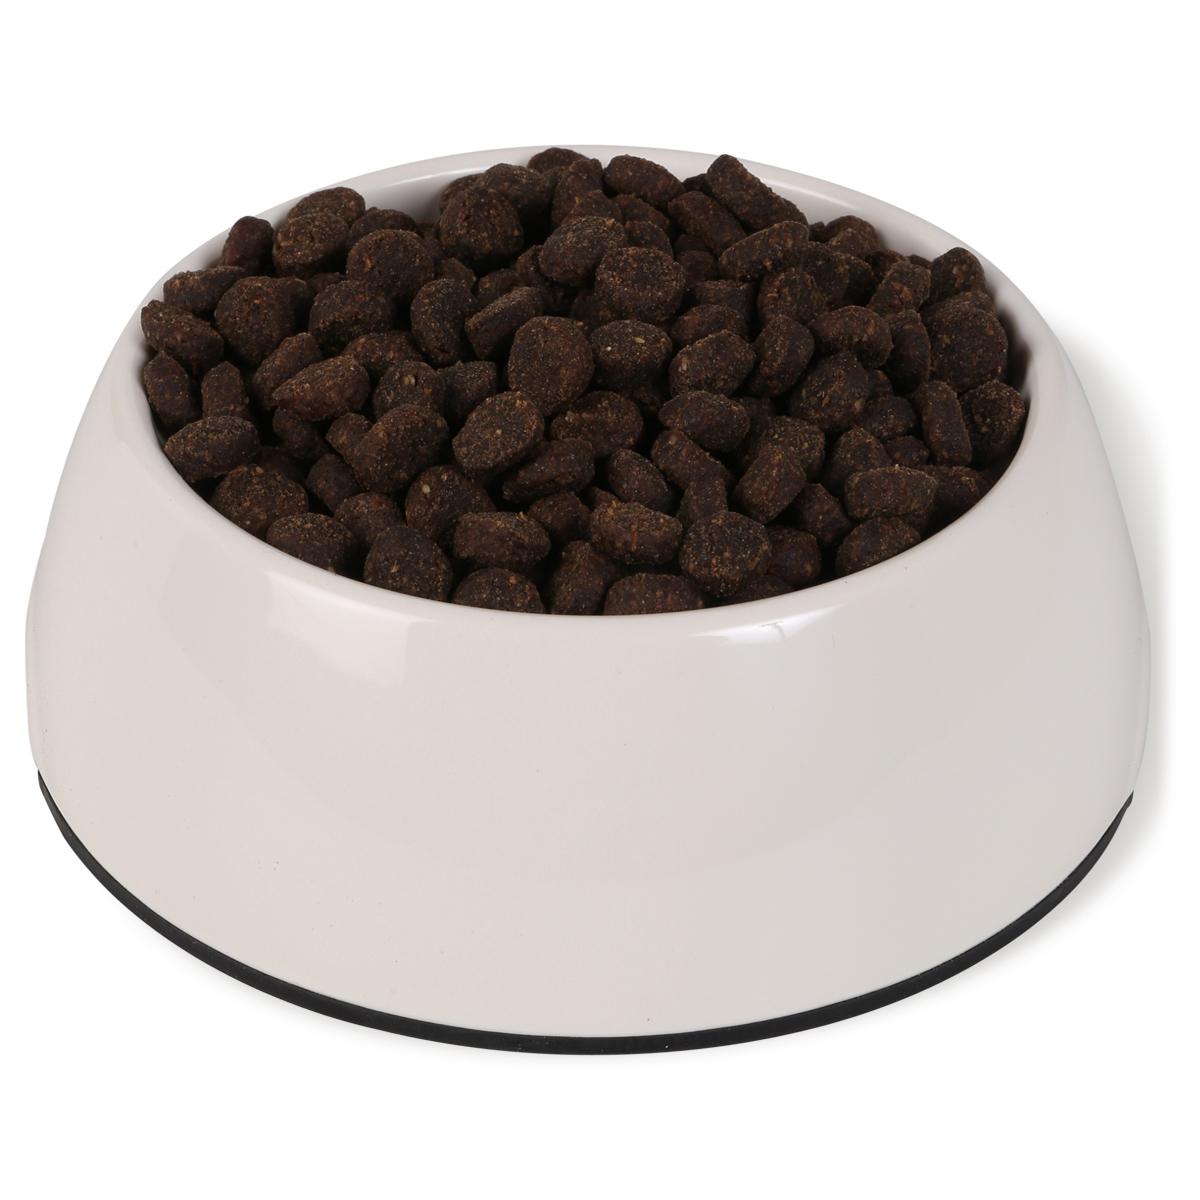 bosch hpc soft junior h hnchen s kartoffel kaufen bei zooroyal. Black Bedroom Furniture Sets. Home Design Ideas